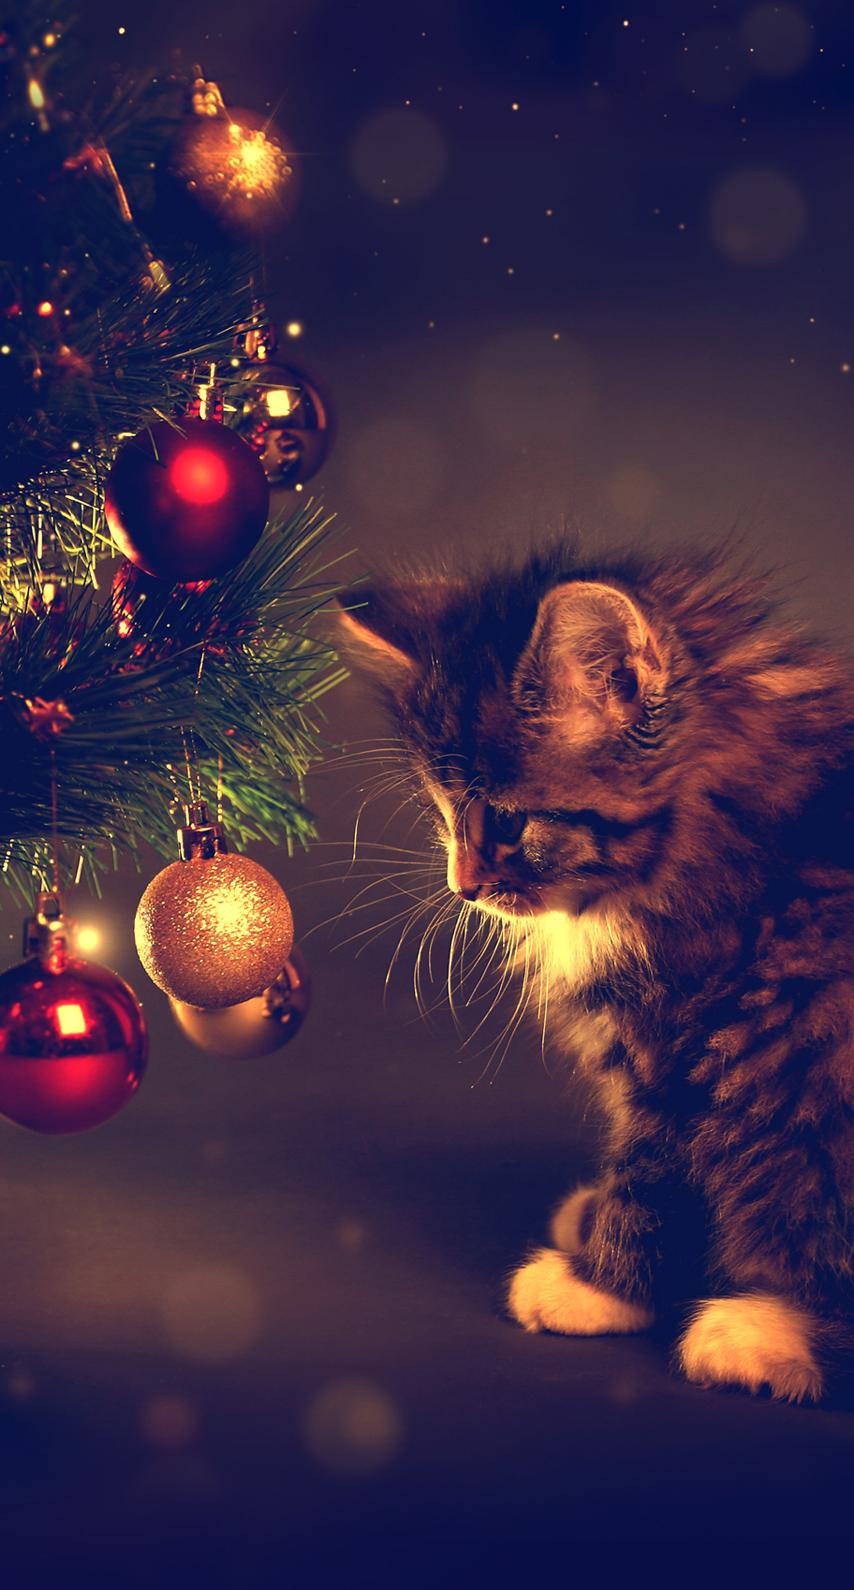 whiskers, fir